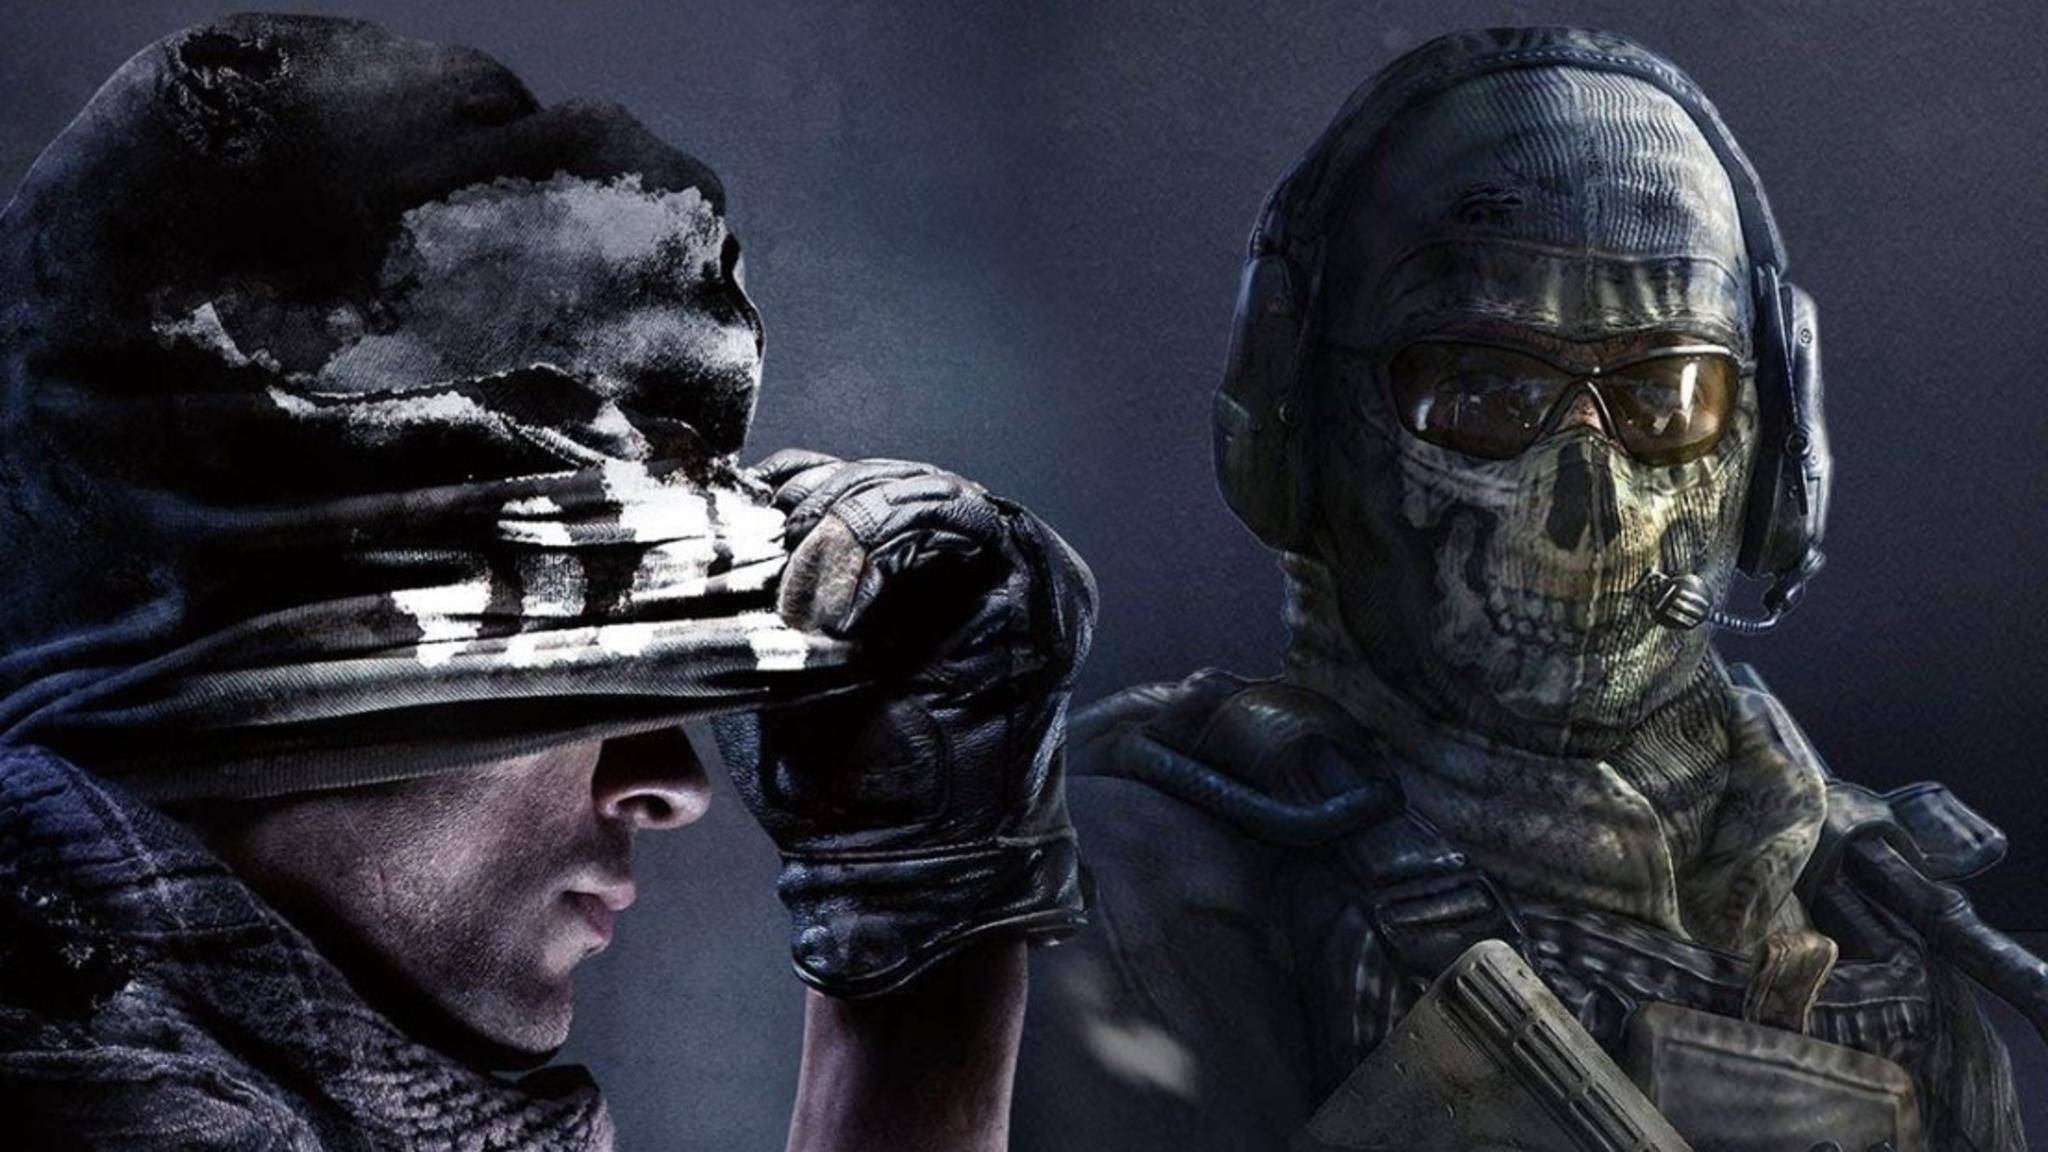 """Wird das nächste """"Call of Duty"""" ein neues """"Ghosts"""" oder ein """"Modern Warfare""""?"""